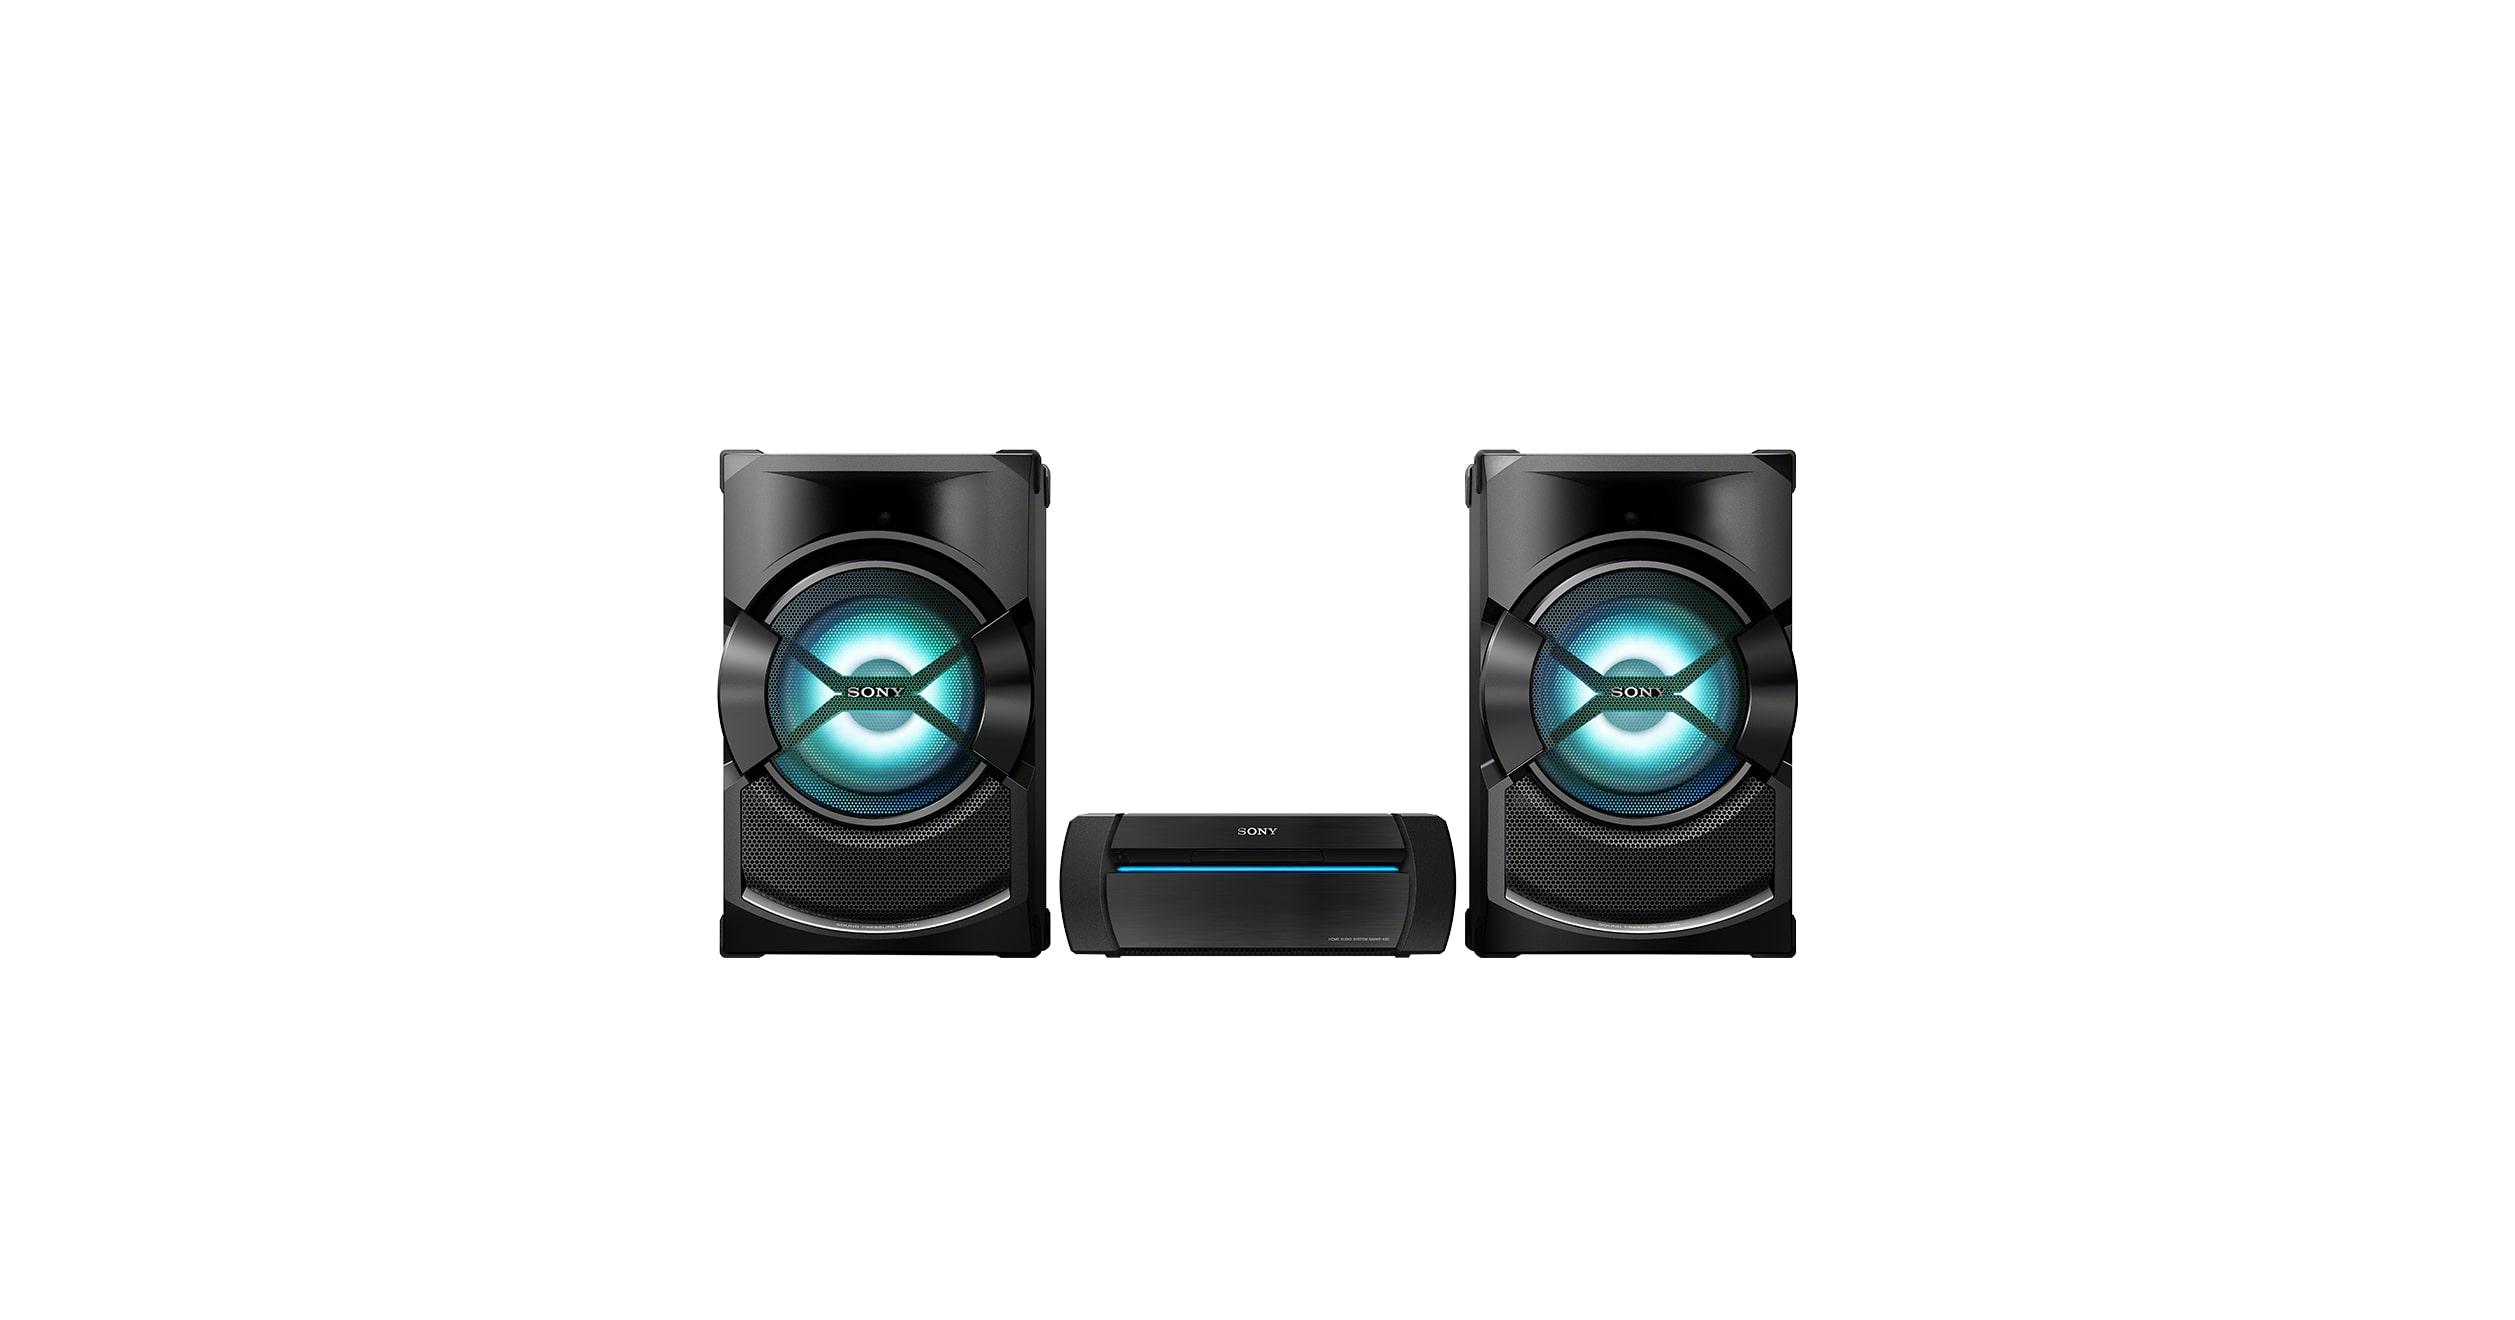 Sistema audio wireless per la casa con bluetooth shake x3d sony it - Sistemi audio casa ...